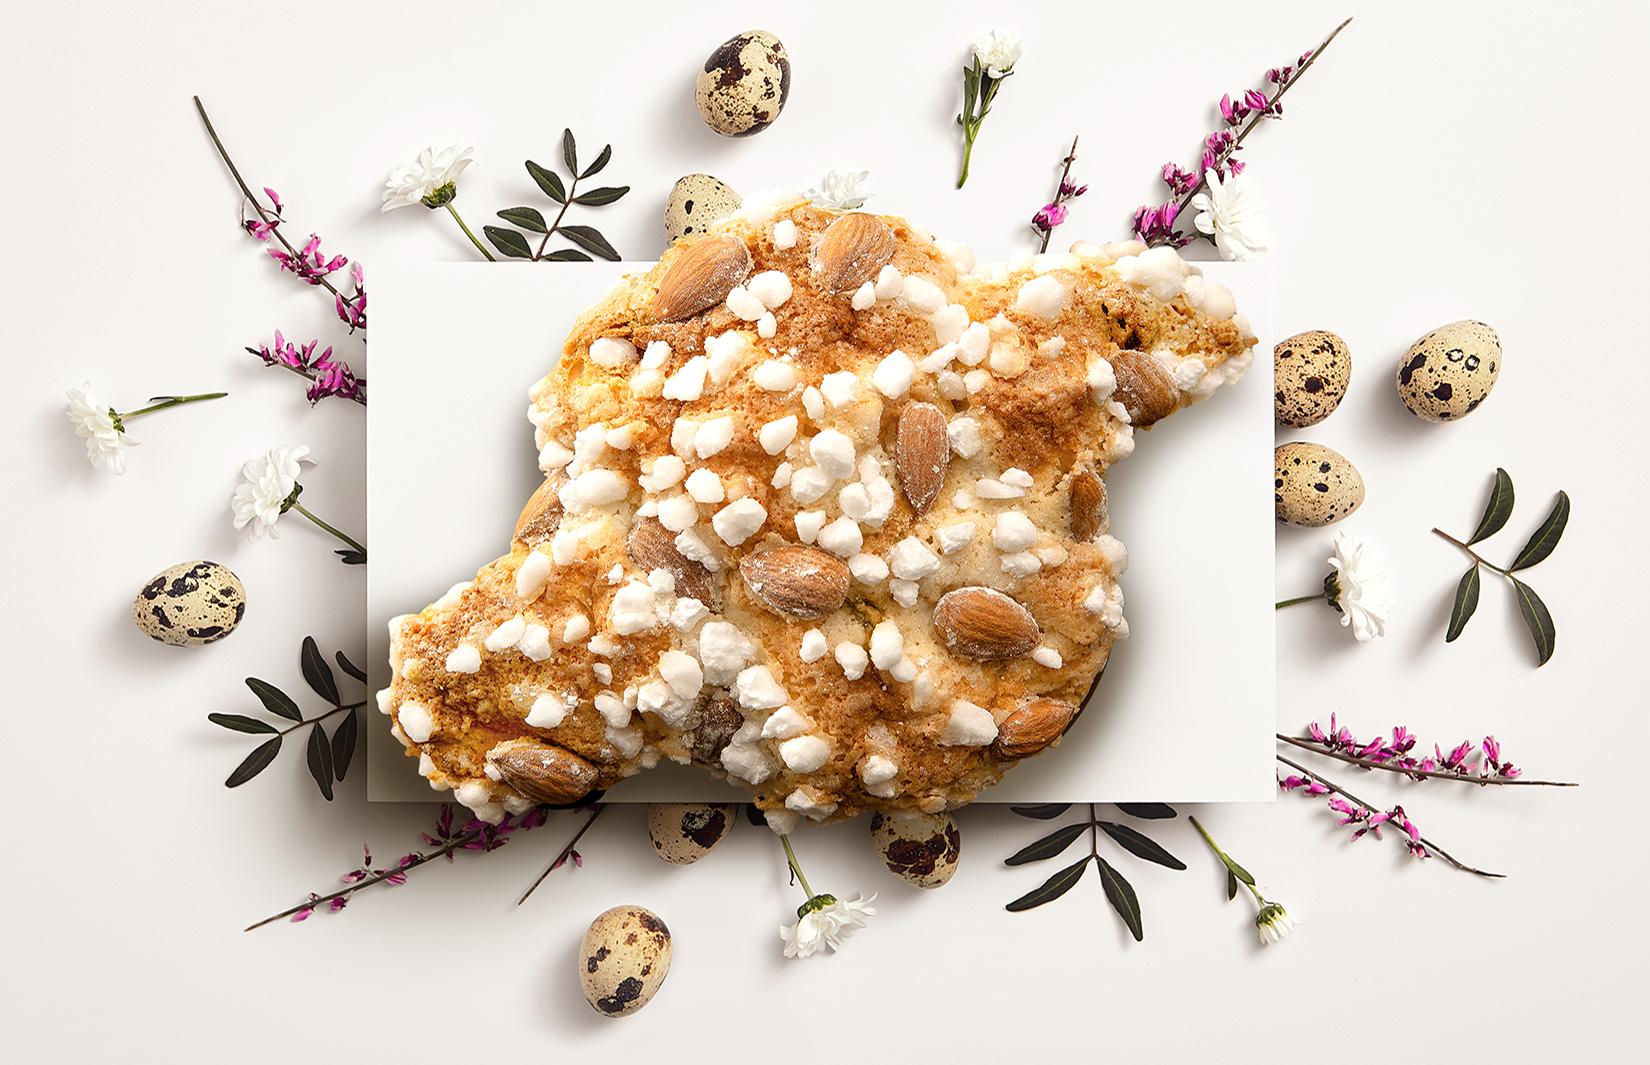 ブルガリ イル・チョコラート 春の訪れと平和への願いを込めて - イタリア復活祭のお菓子「コロンバ」... 画像